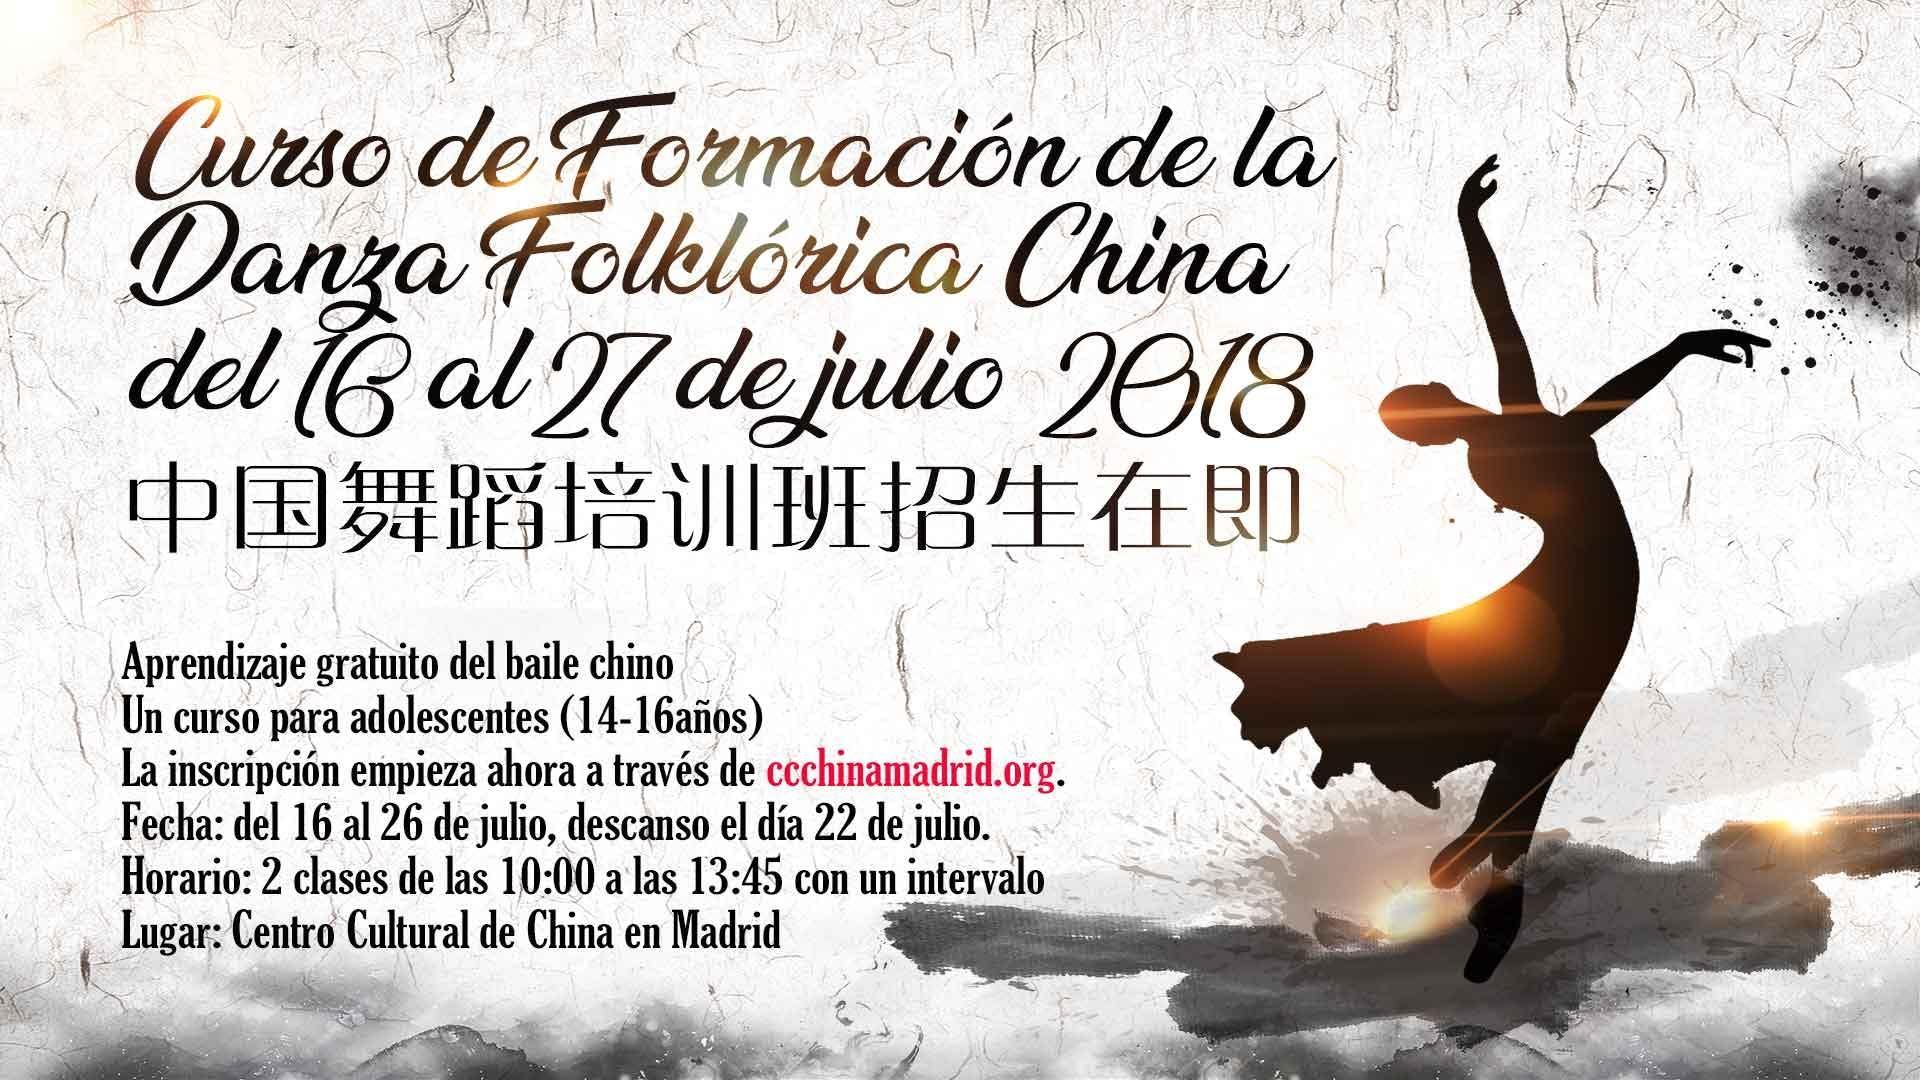 CURSO GRATUITO DANZA FOLKLÓRICA CHINA